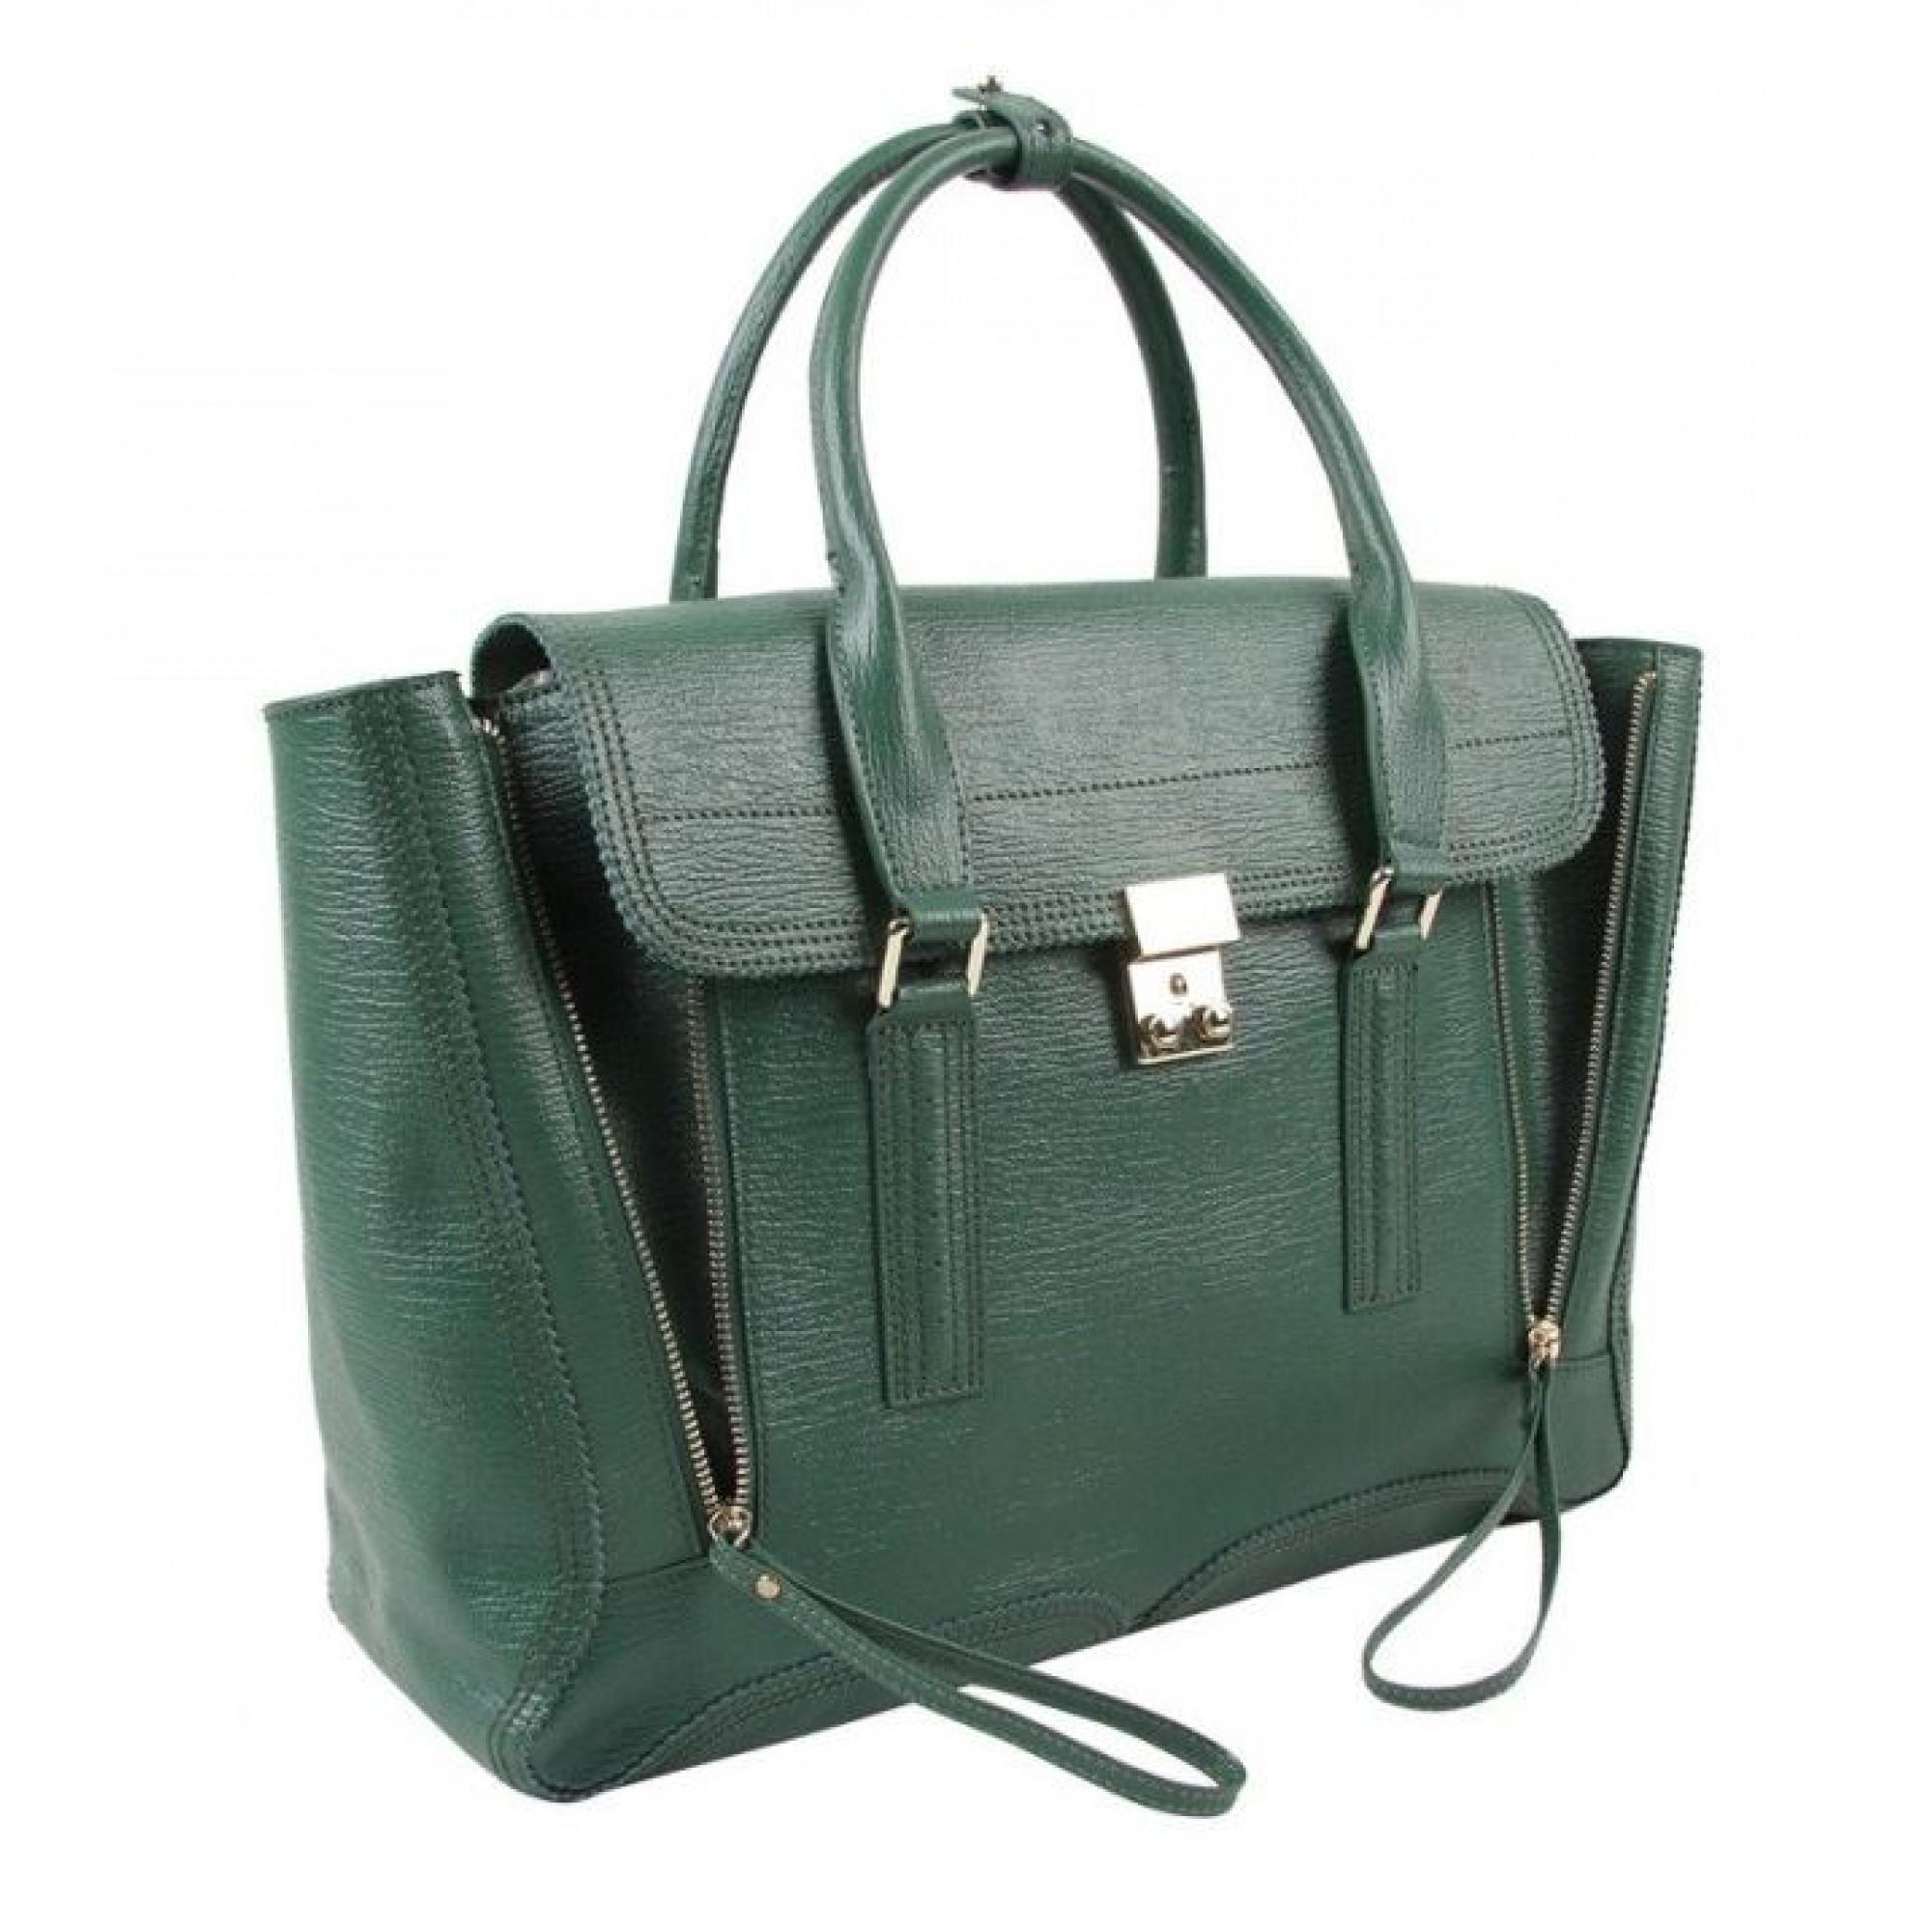 d0909824762f Купить зеленая сумка Pashli от Phillip Lim — в Киеве, код товара 20269